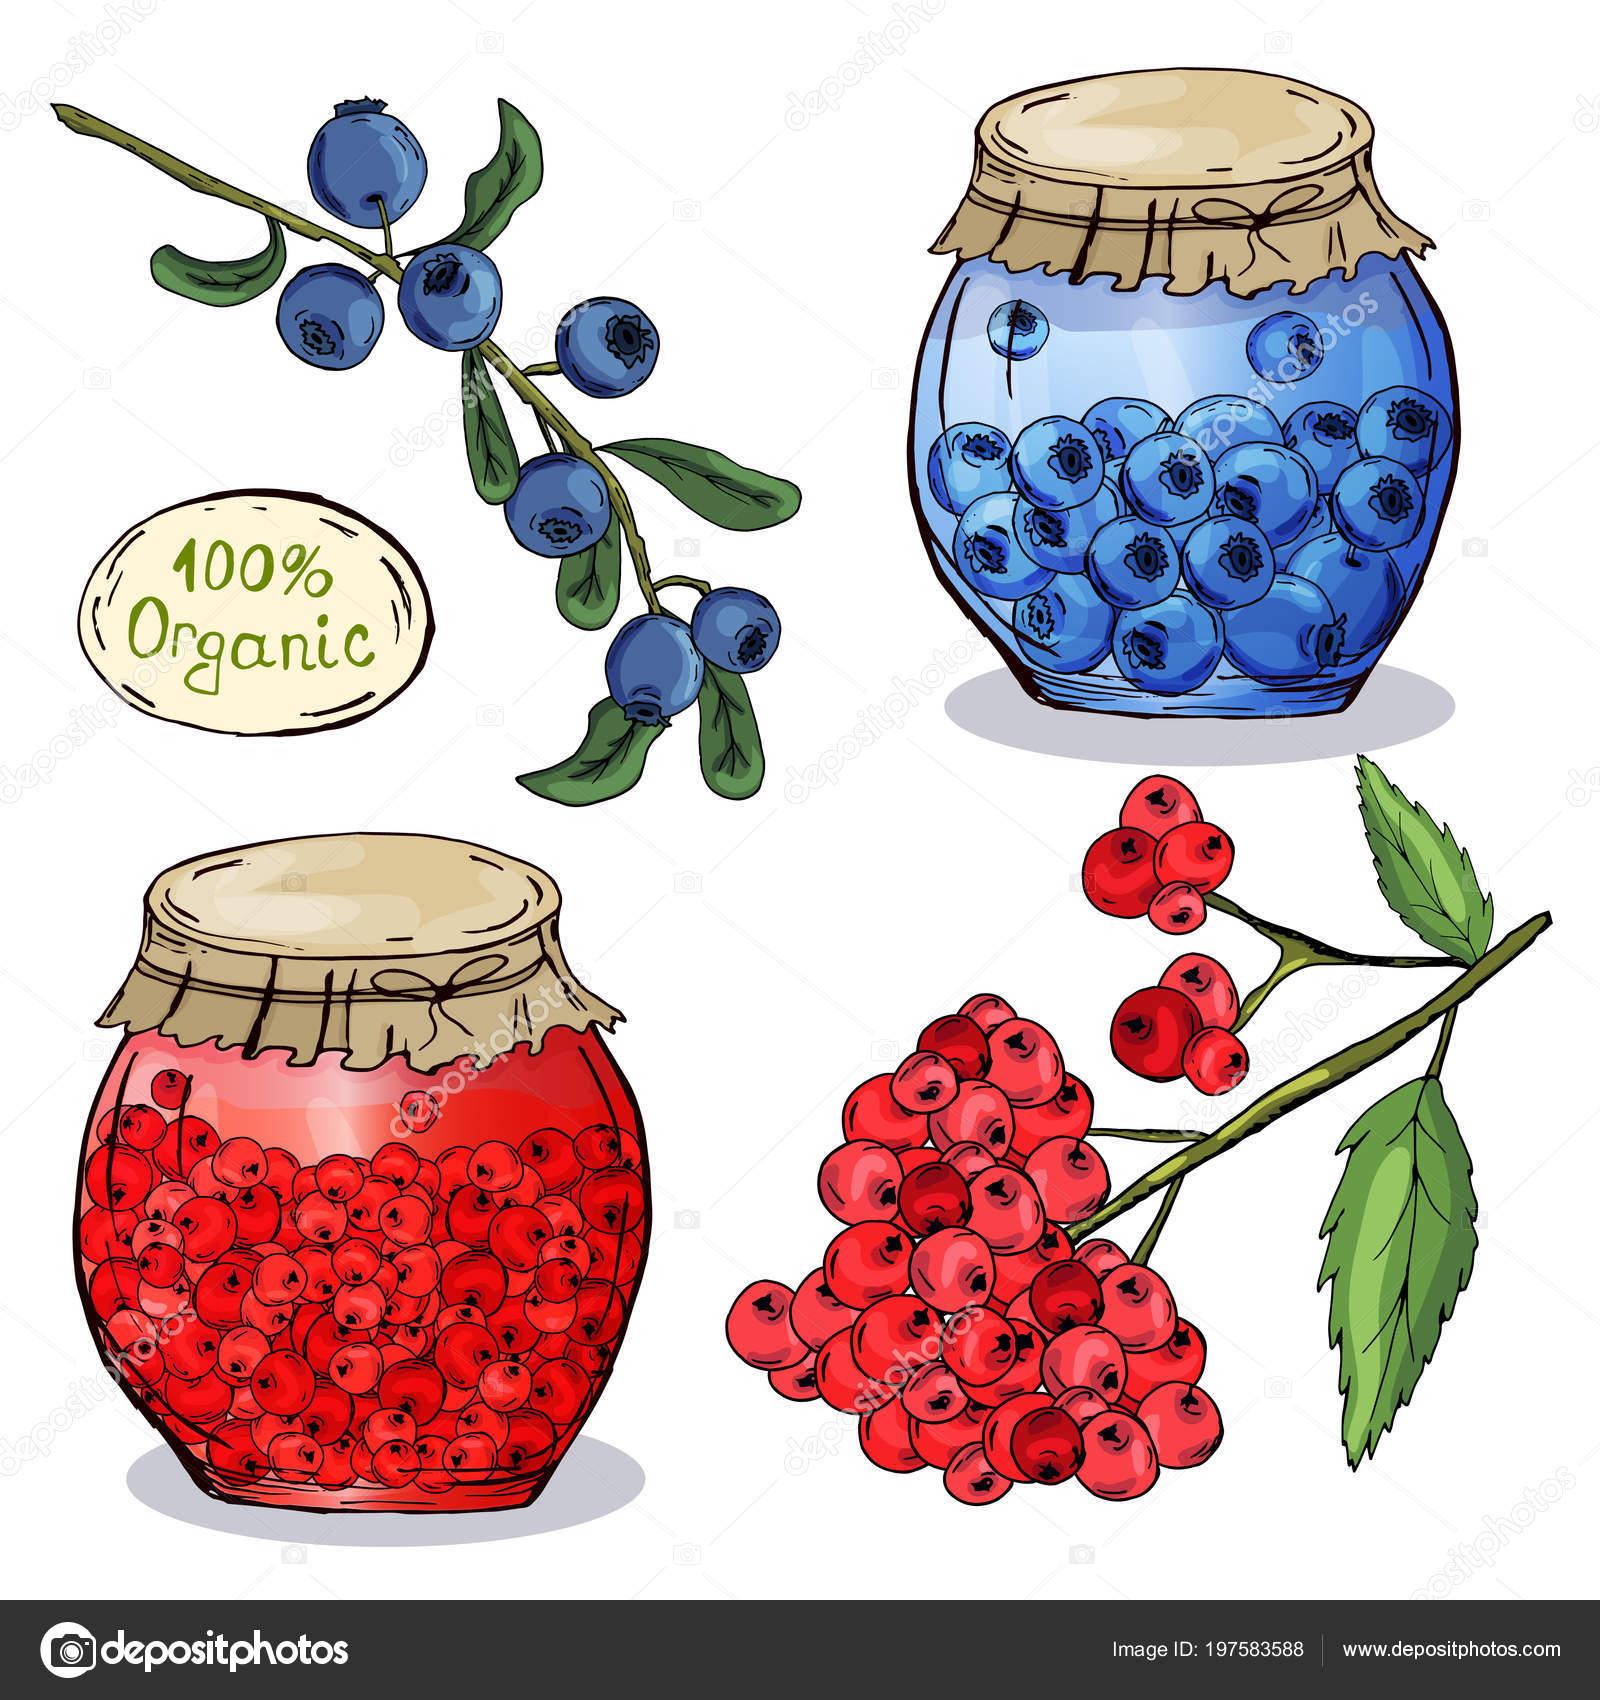 54 карточки в коллекции «Рецепты малинового варенья » пользователя